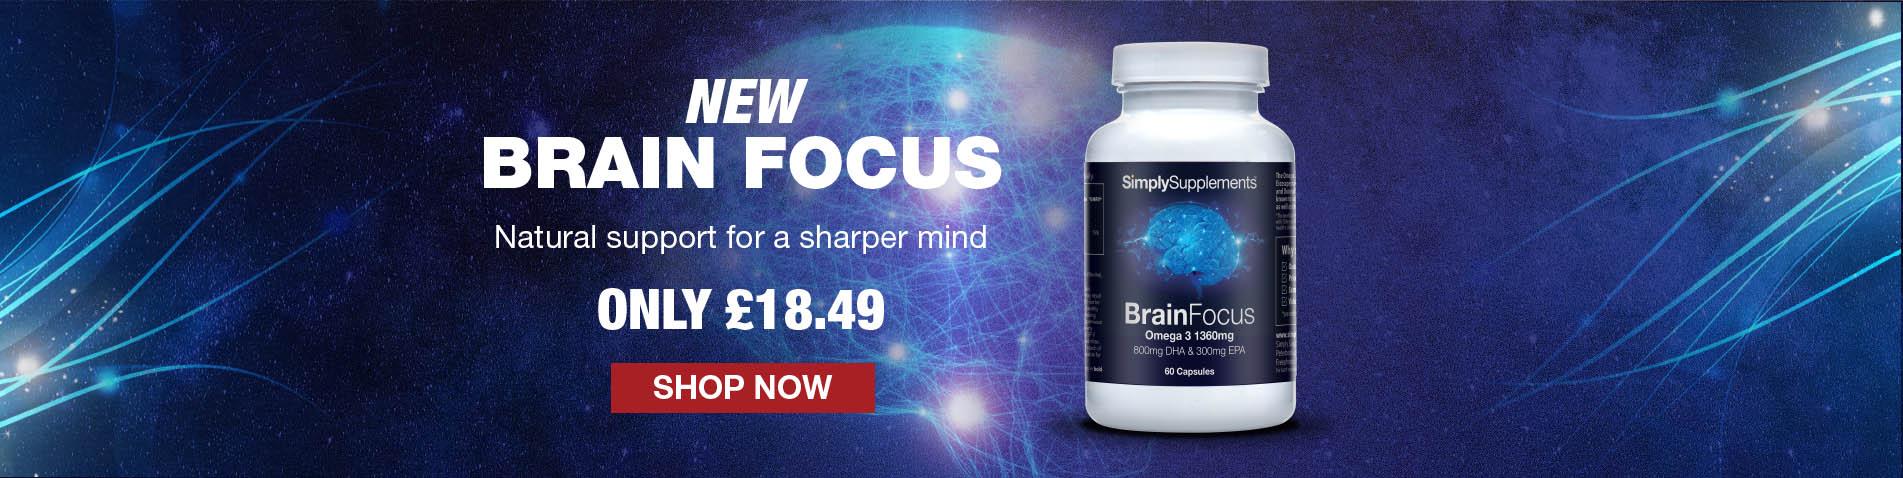 New - BrainFocus